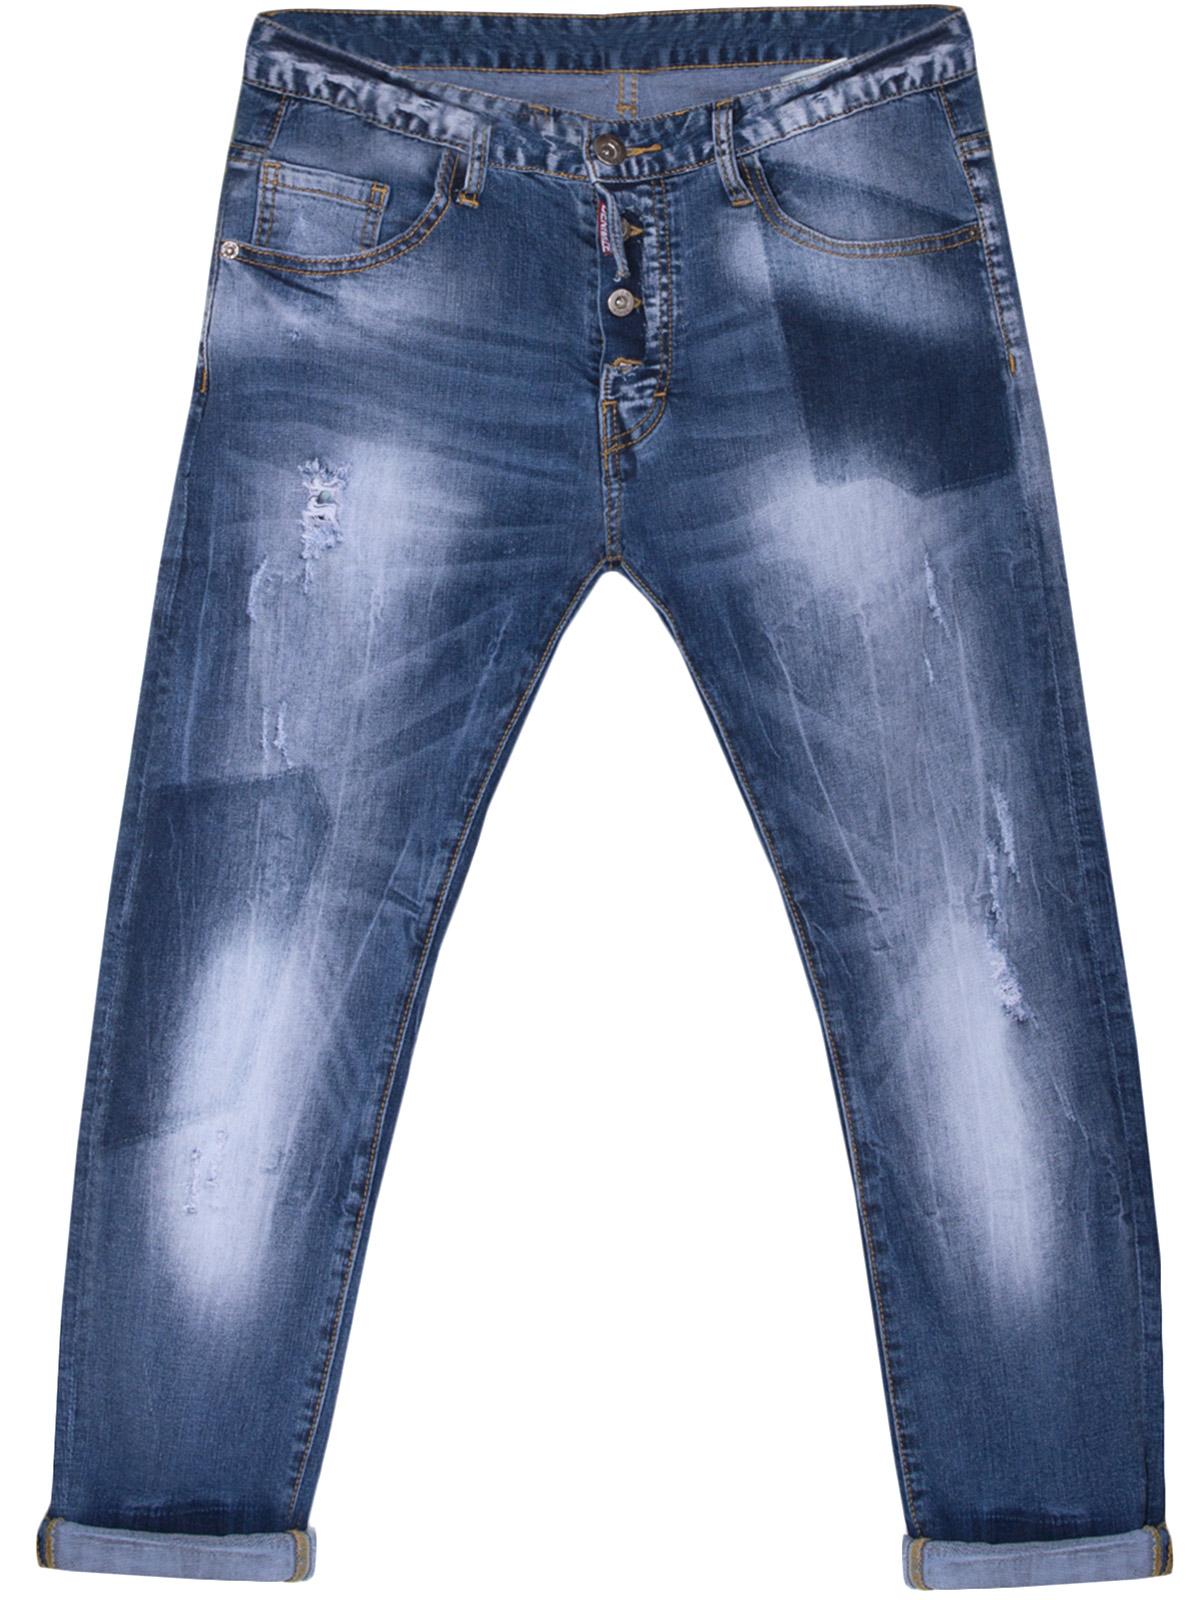 Ελαστικό Τζίν Παντελόνι με Εξωτερικά Κουμπιά ανδρικά   παντελόνια   jeans   τζην παντελόνια ανδρικά